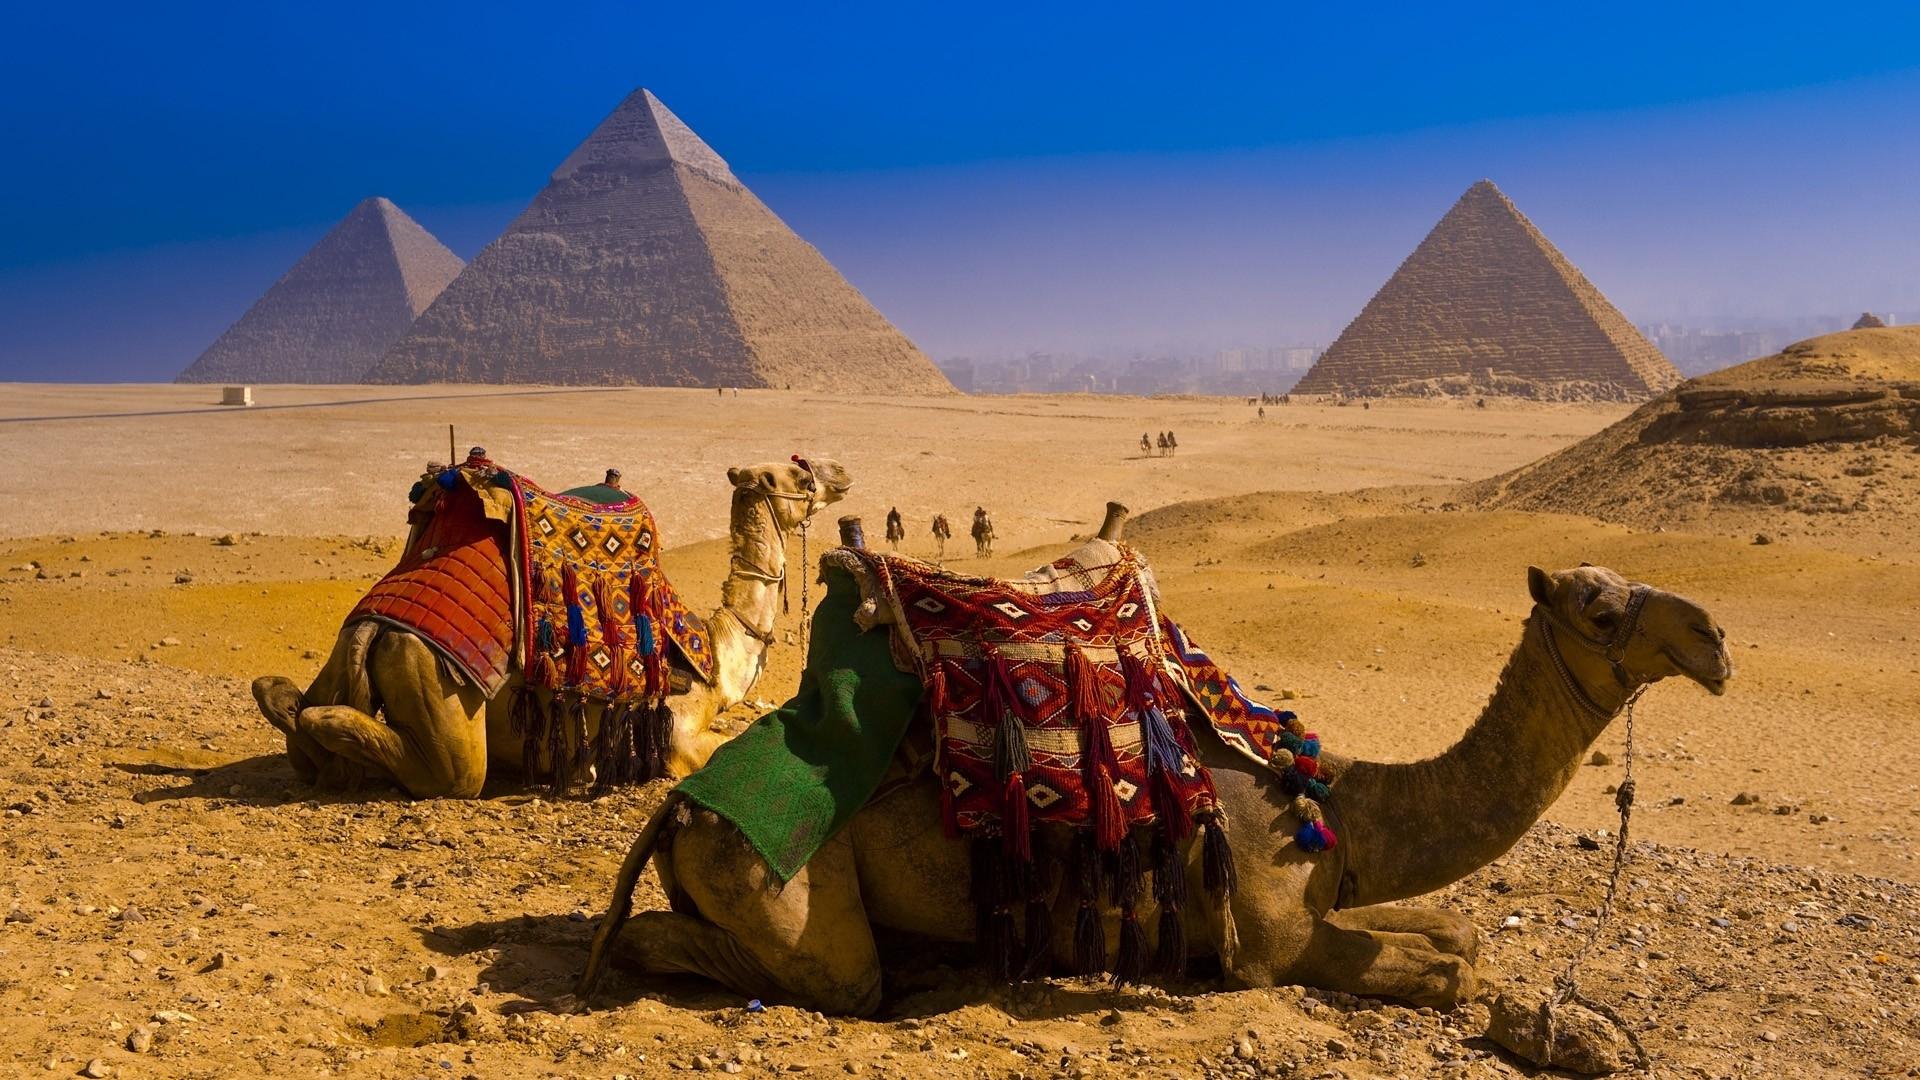 egypt new photos